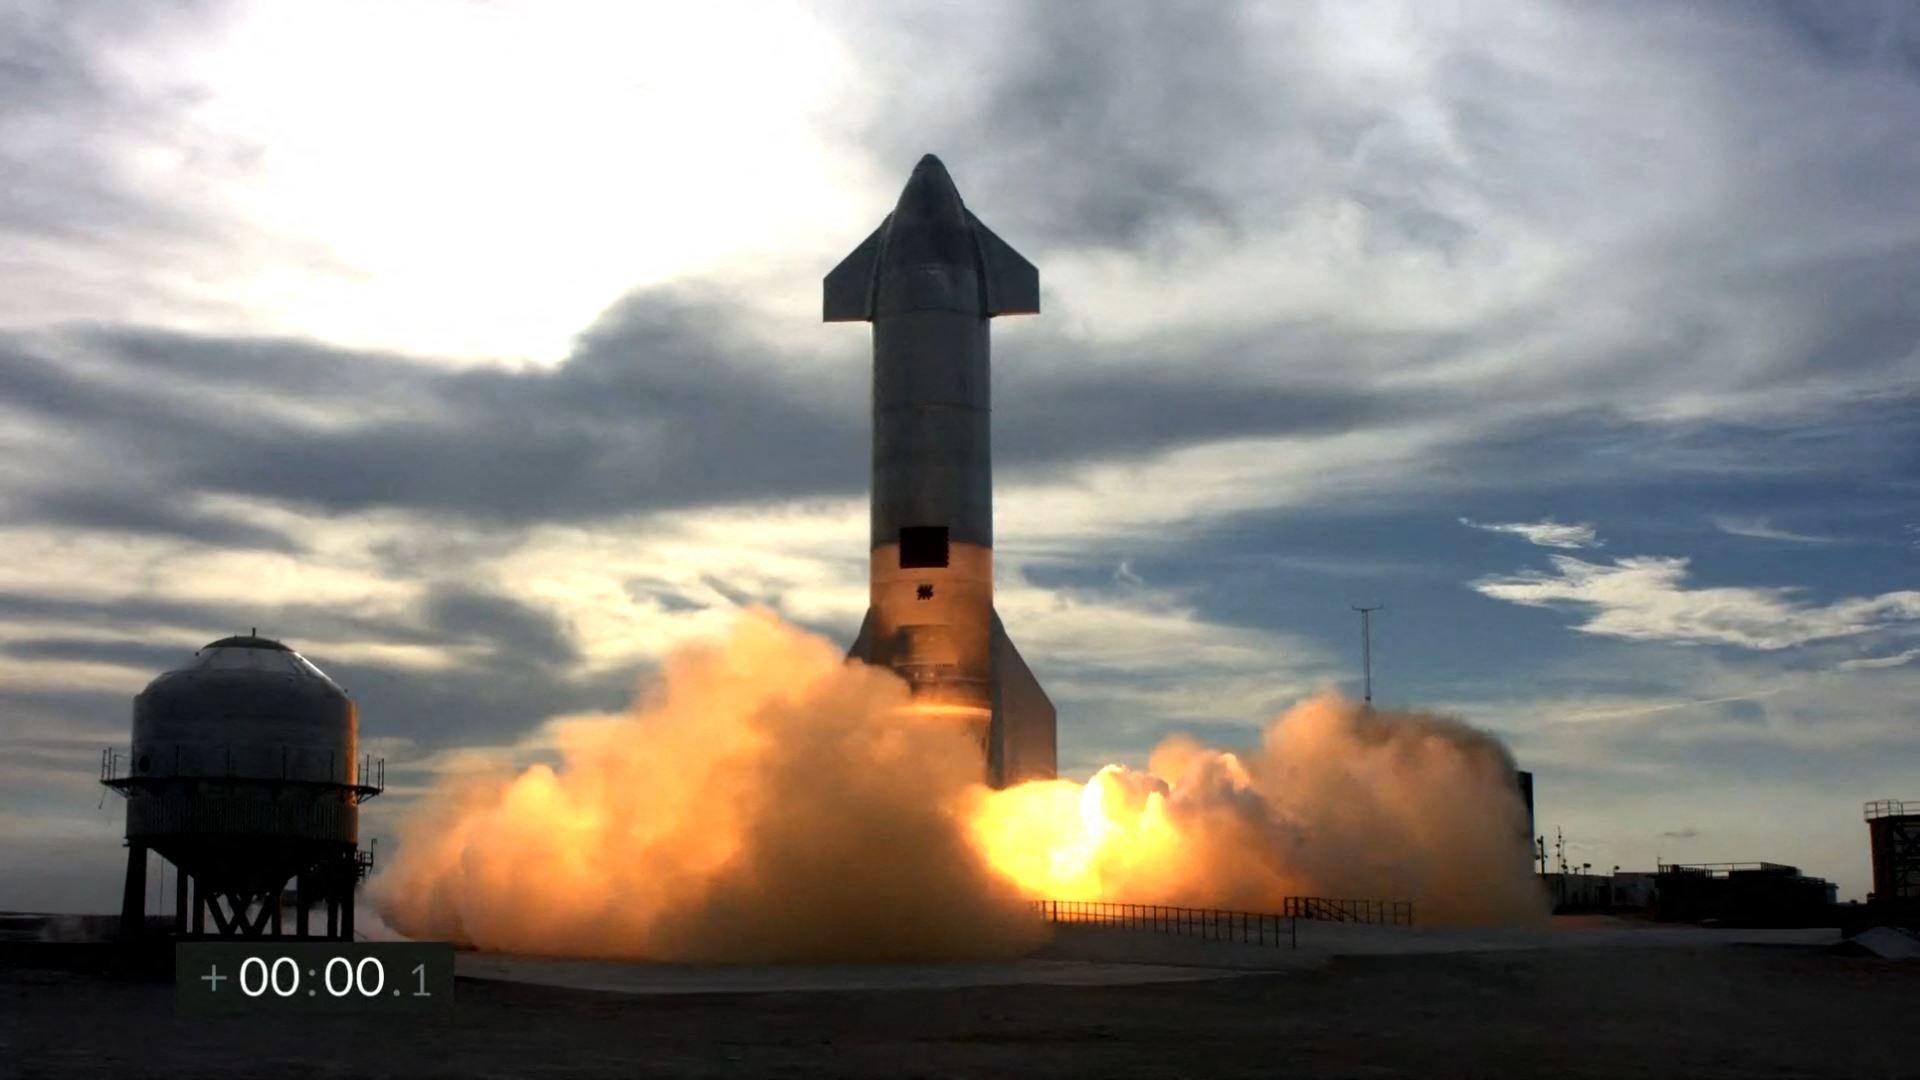 這張SpaceX網絡實時直播截圖顯示,2021年3月3日,位於德薩斯州布朗斯維爾(Brownsville)博卡奇卡村(Boca Chica)附近的SpaceX南德州測試設施正準備對星船(Starship)原型機SN10進行當天的二次試飛。火箭看上去成功起飛和落地,但之後爆炸。(SPACEX/AFP)